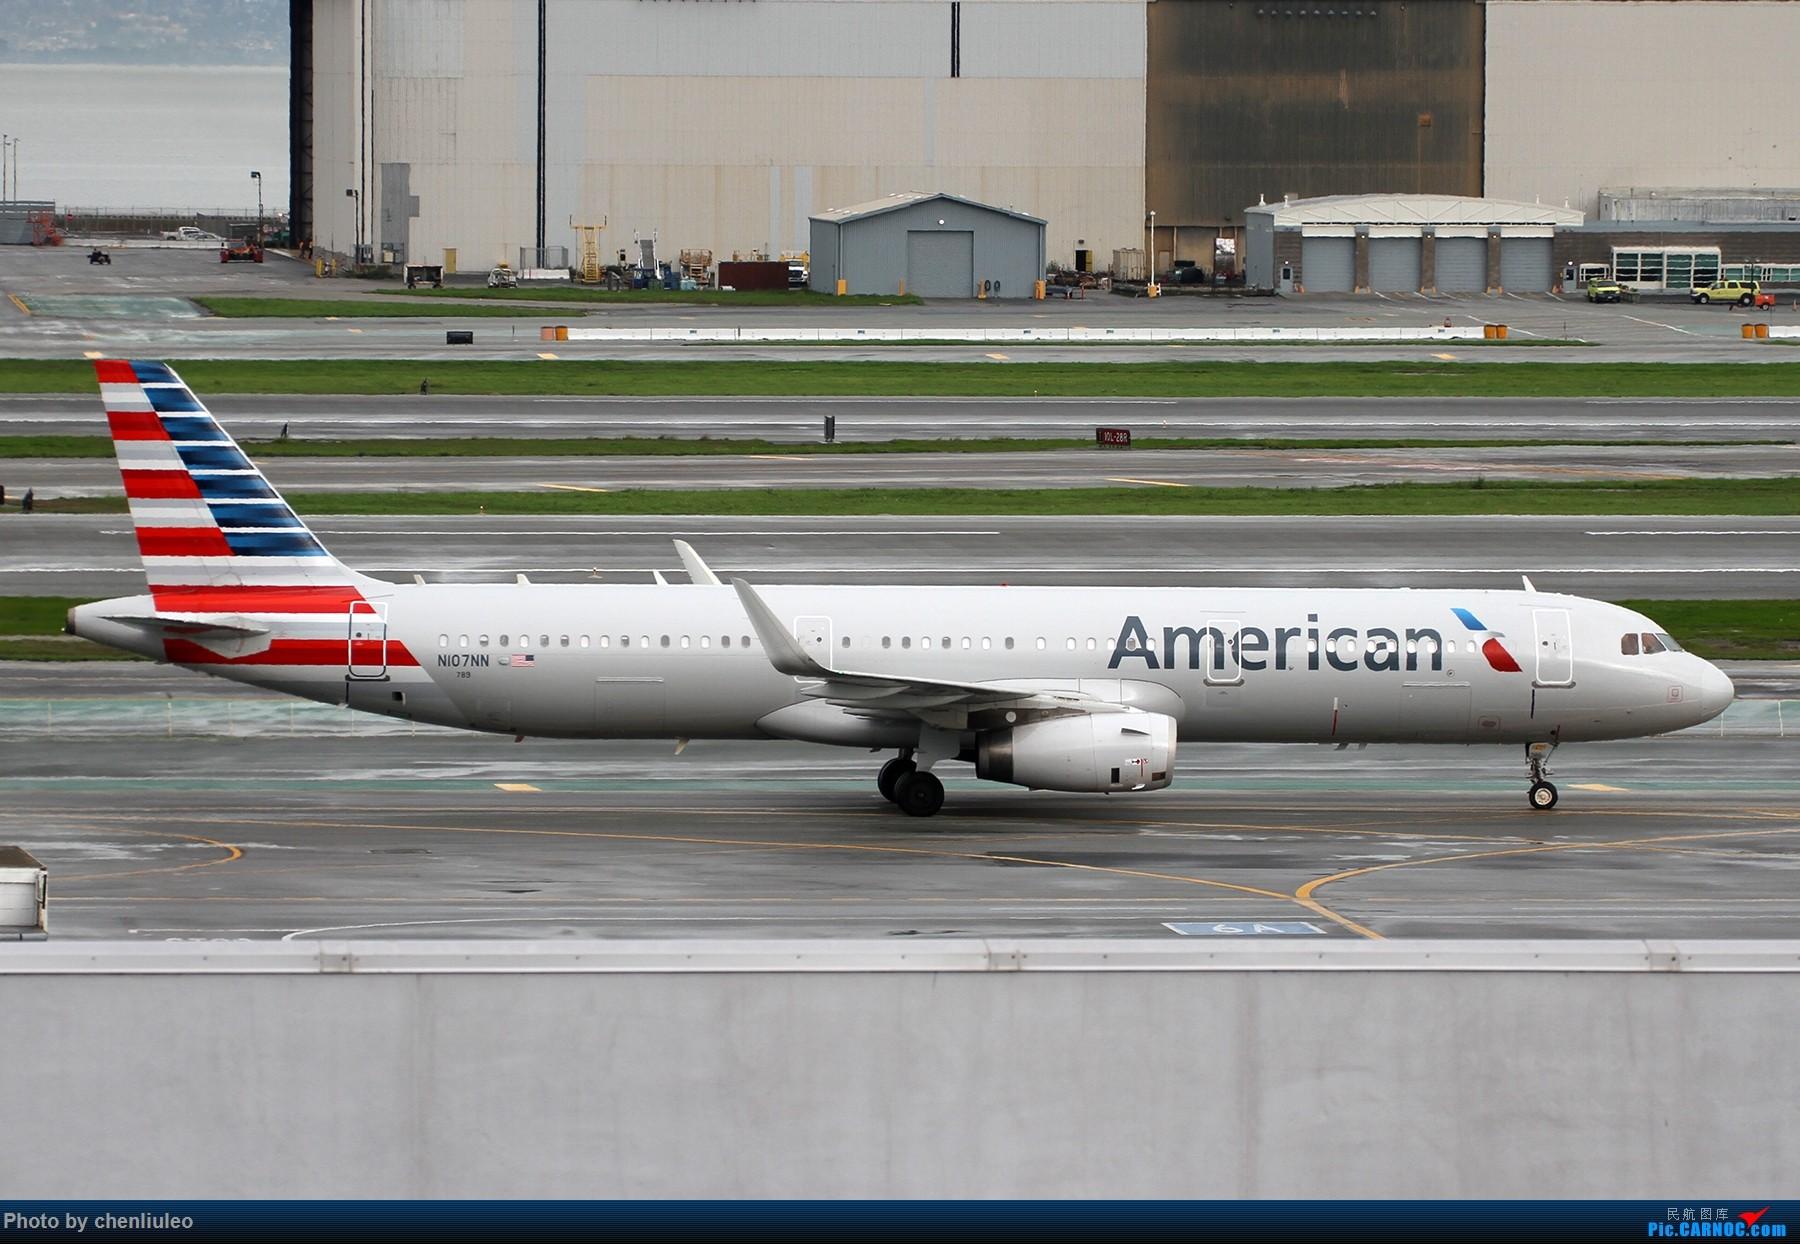 Re:[原创]【杭州飞友会】美国联合航空旧金山直飞杭州初体验 一切都很UA AIRBUS A321-231 N107NN 美国旧金山机场